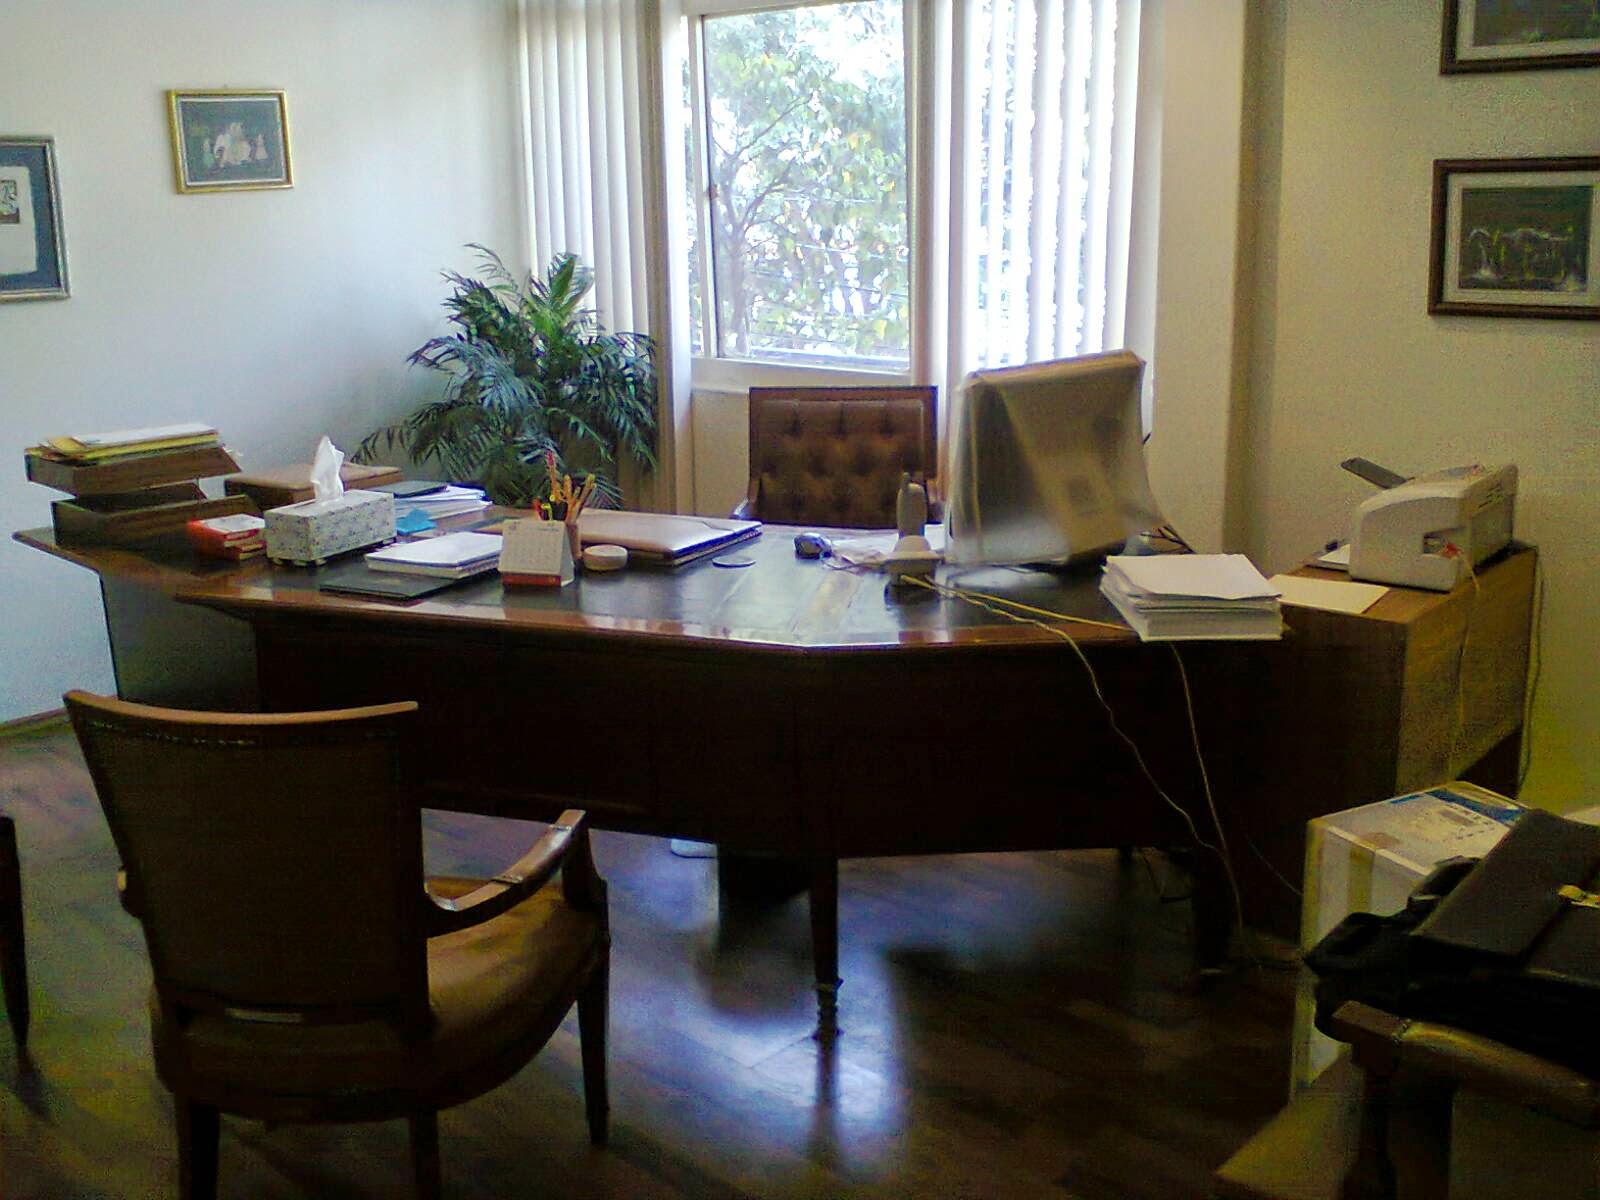 fotos de muebles usados en venta - MIL ANUNCIOS COM Muebles de cocina Venta de